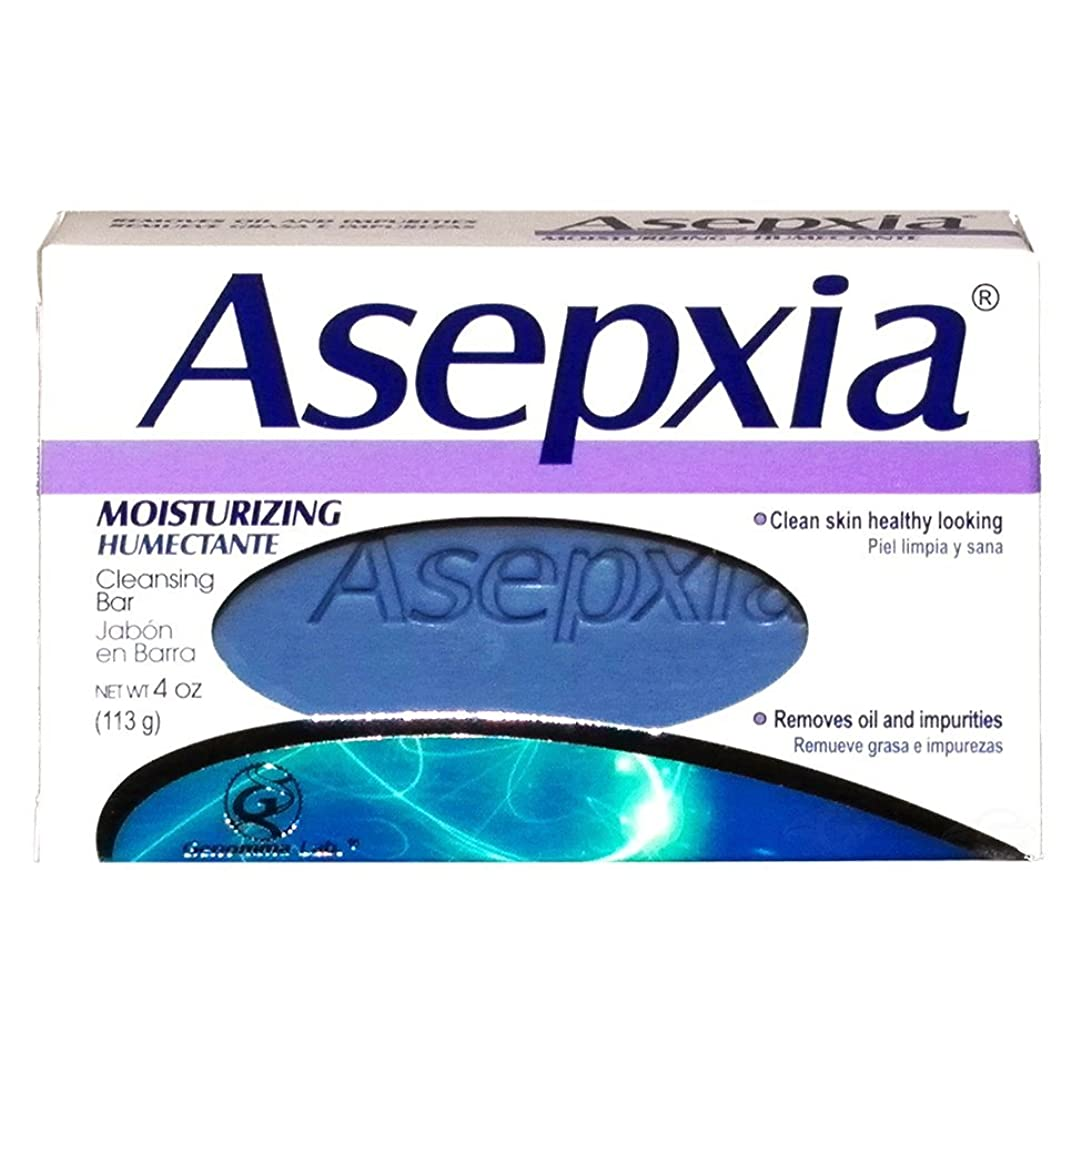 突撃祖父母を訪問ユダヤ人Asepxia Moisturizing Soap 3.53 oz - Jabon Humectante by Asepxia [並行輸入品]